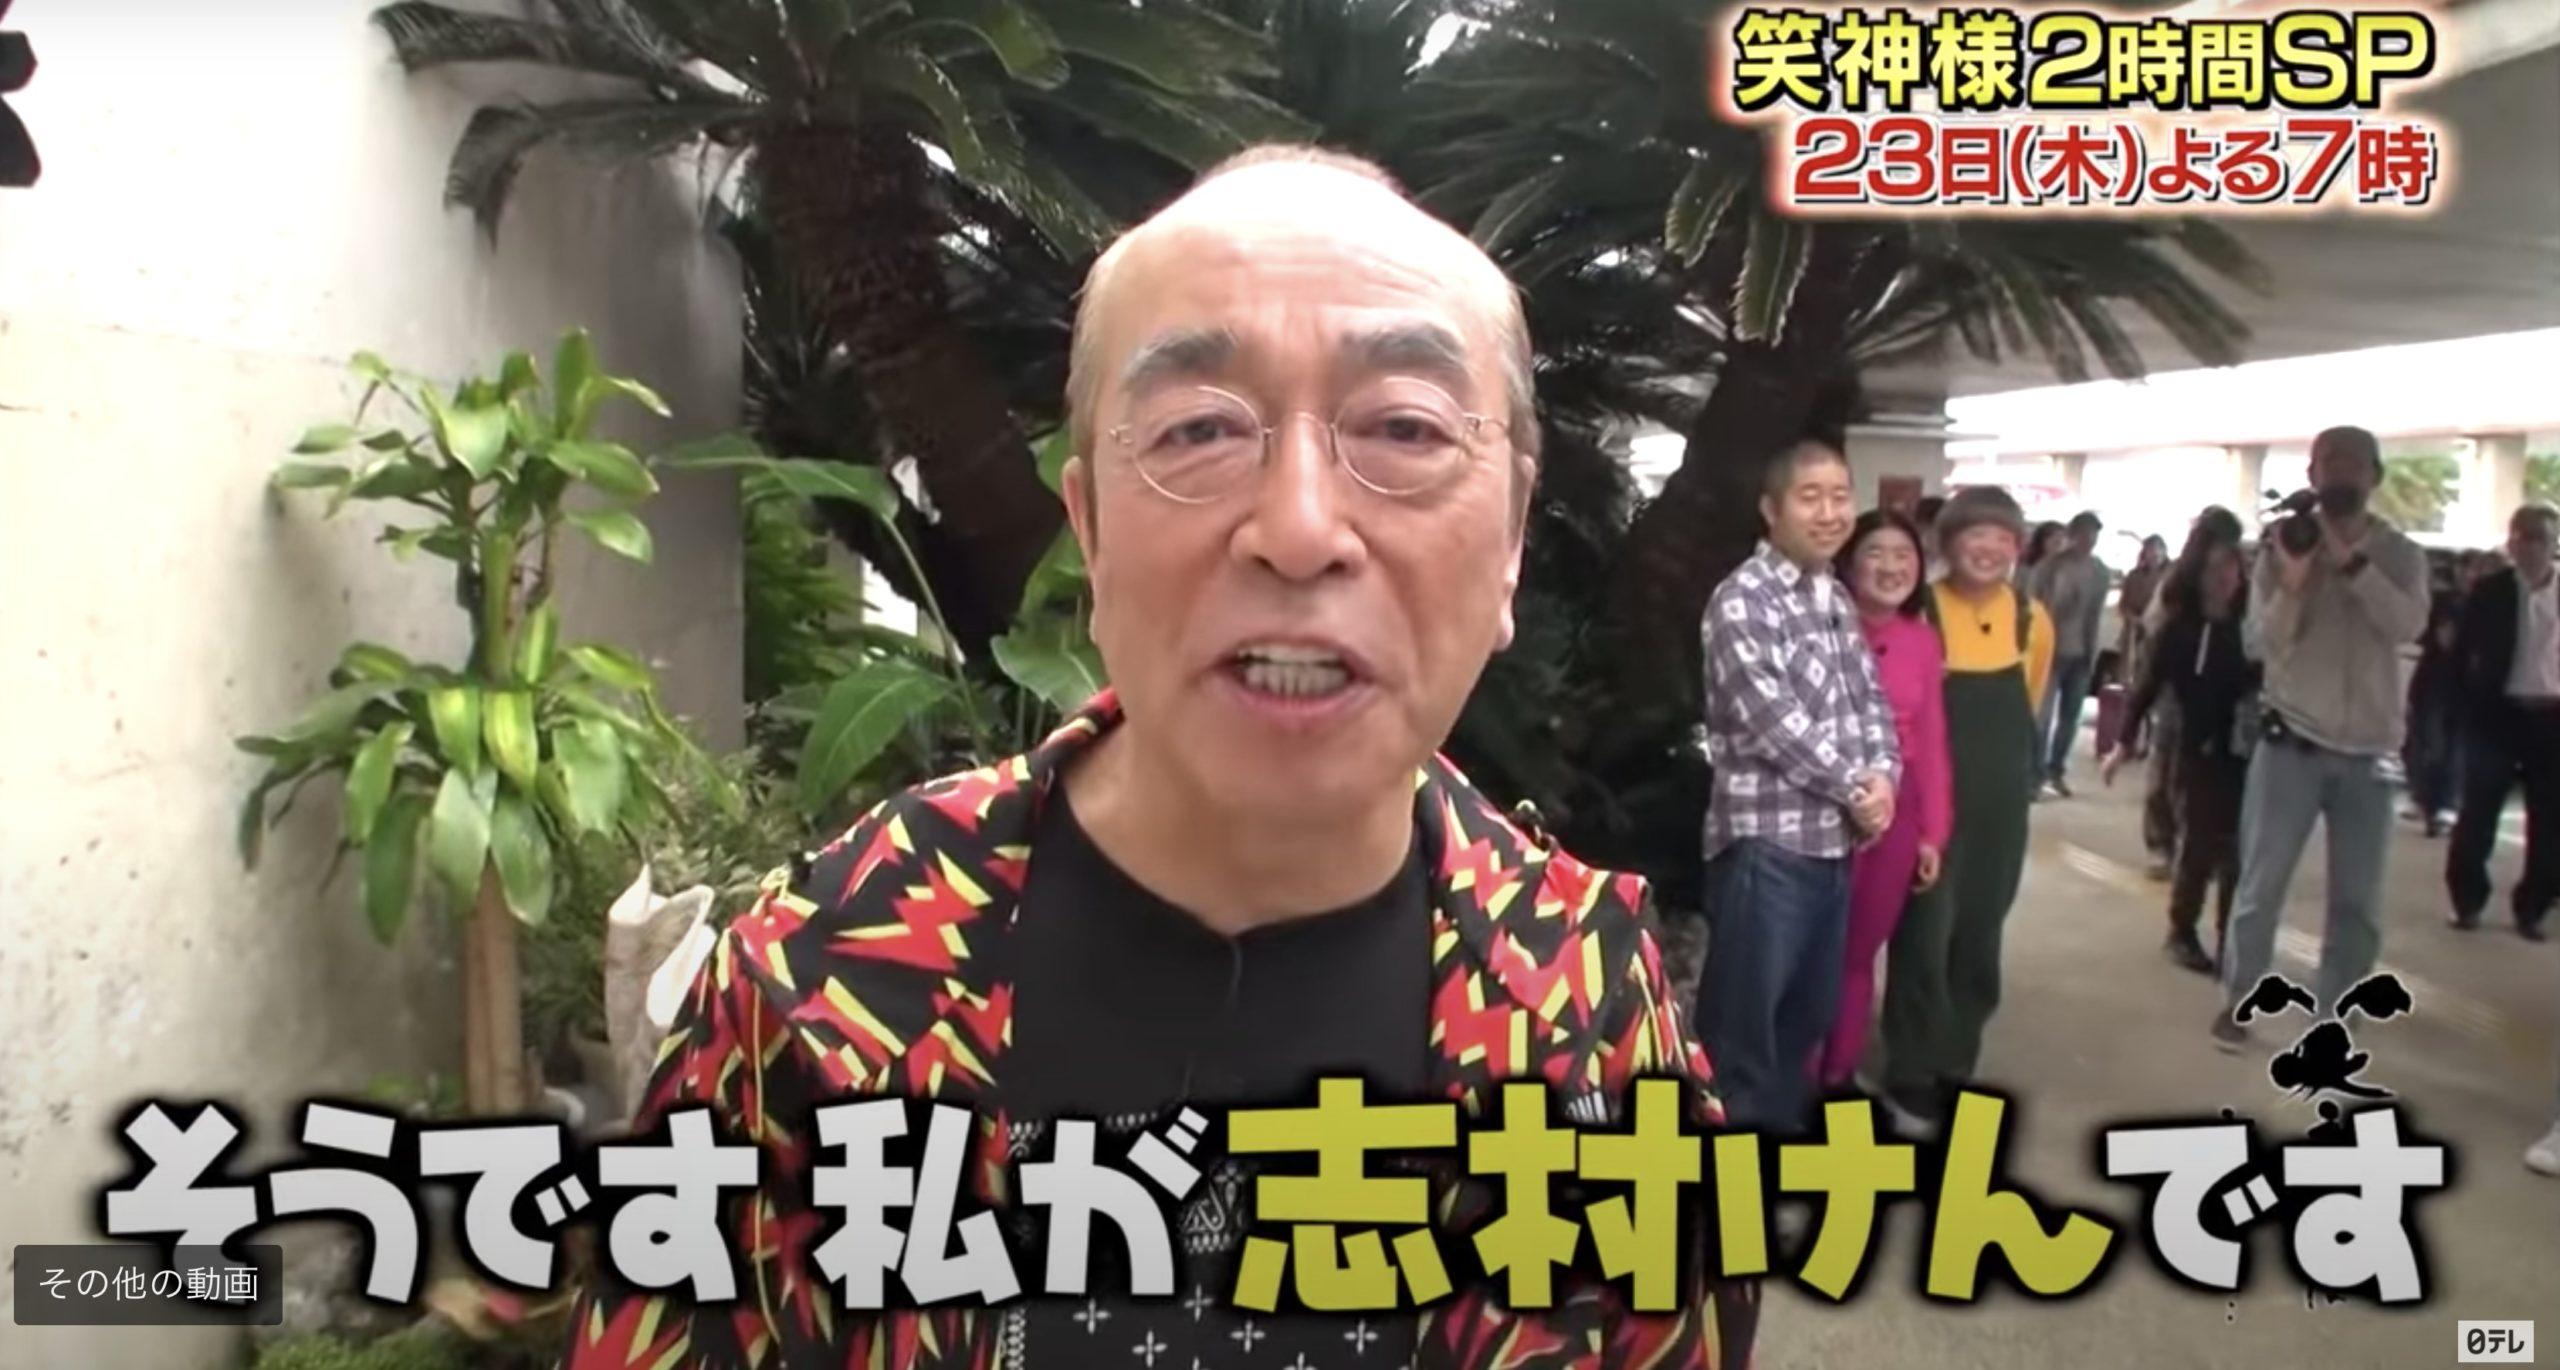 笑神様は突然に...夏SP(志村けん)7月23日の無料動画や見逃し配信をフル視聴する方法!